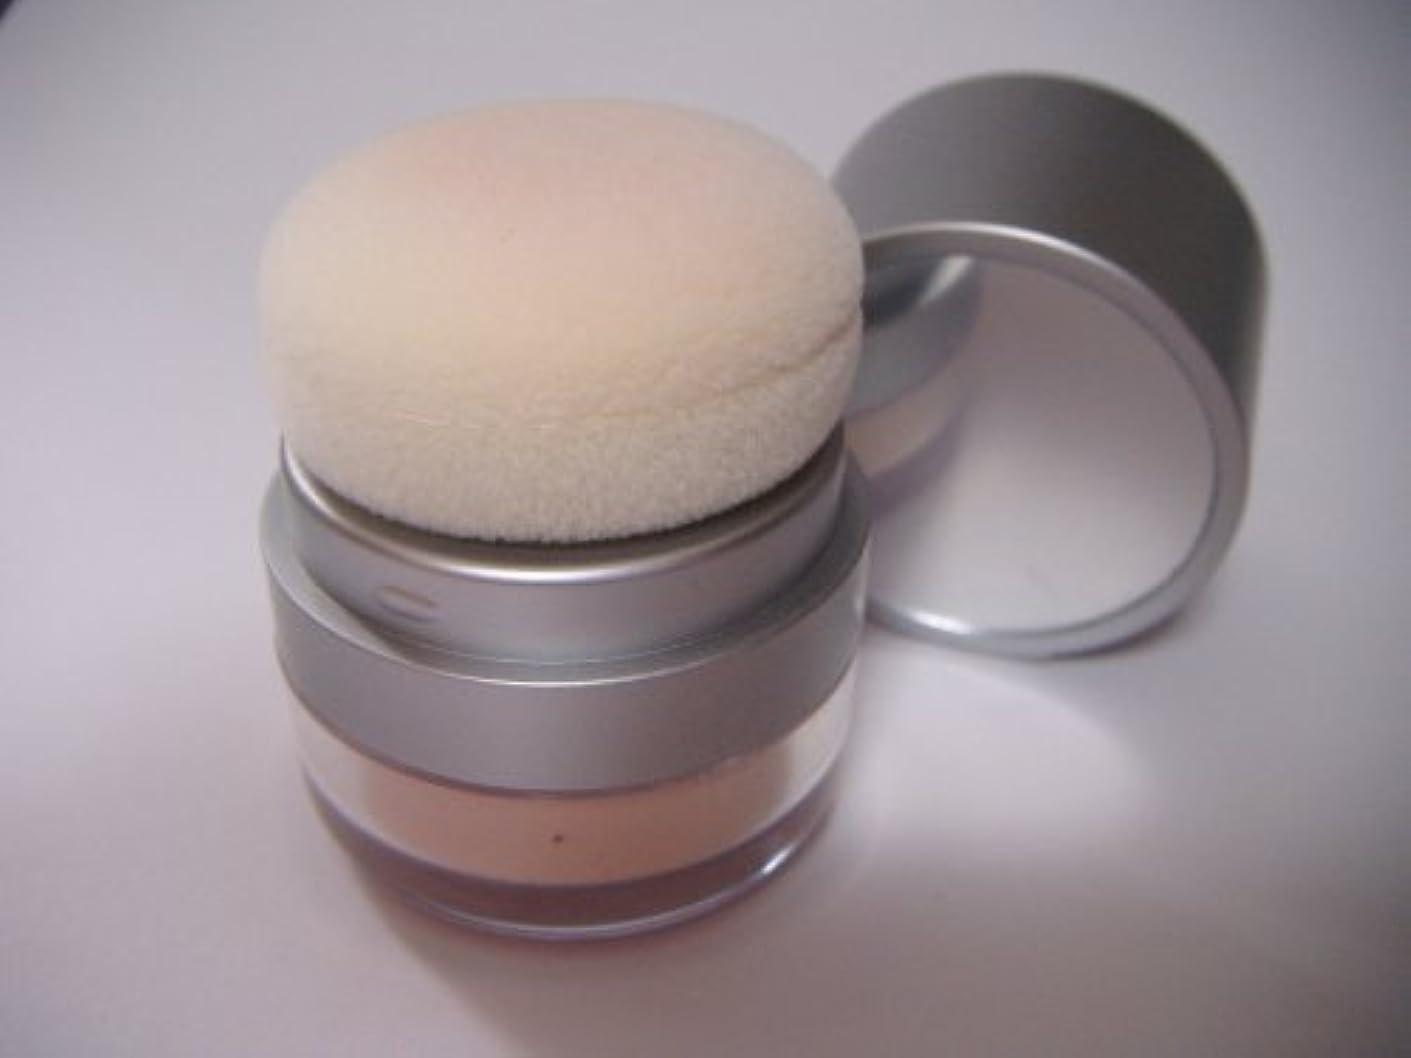 味方本物の小川UVプルーフブリリアントルースパウダー(8g)